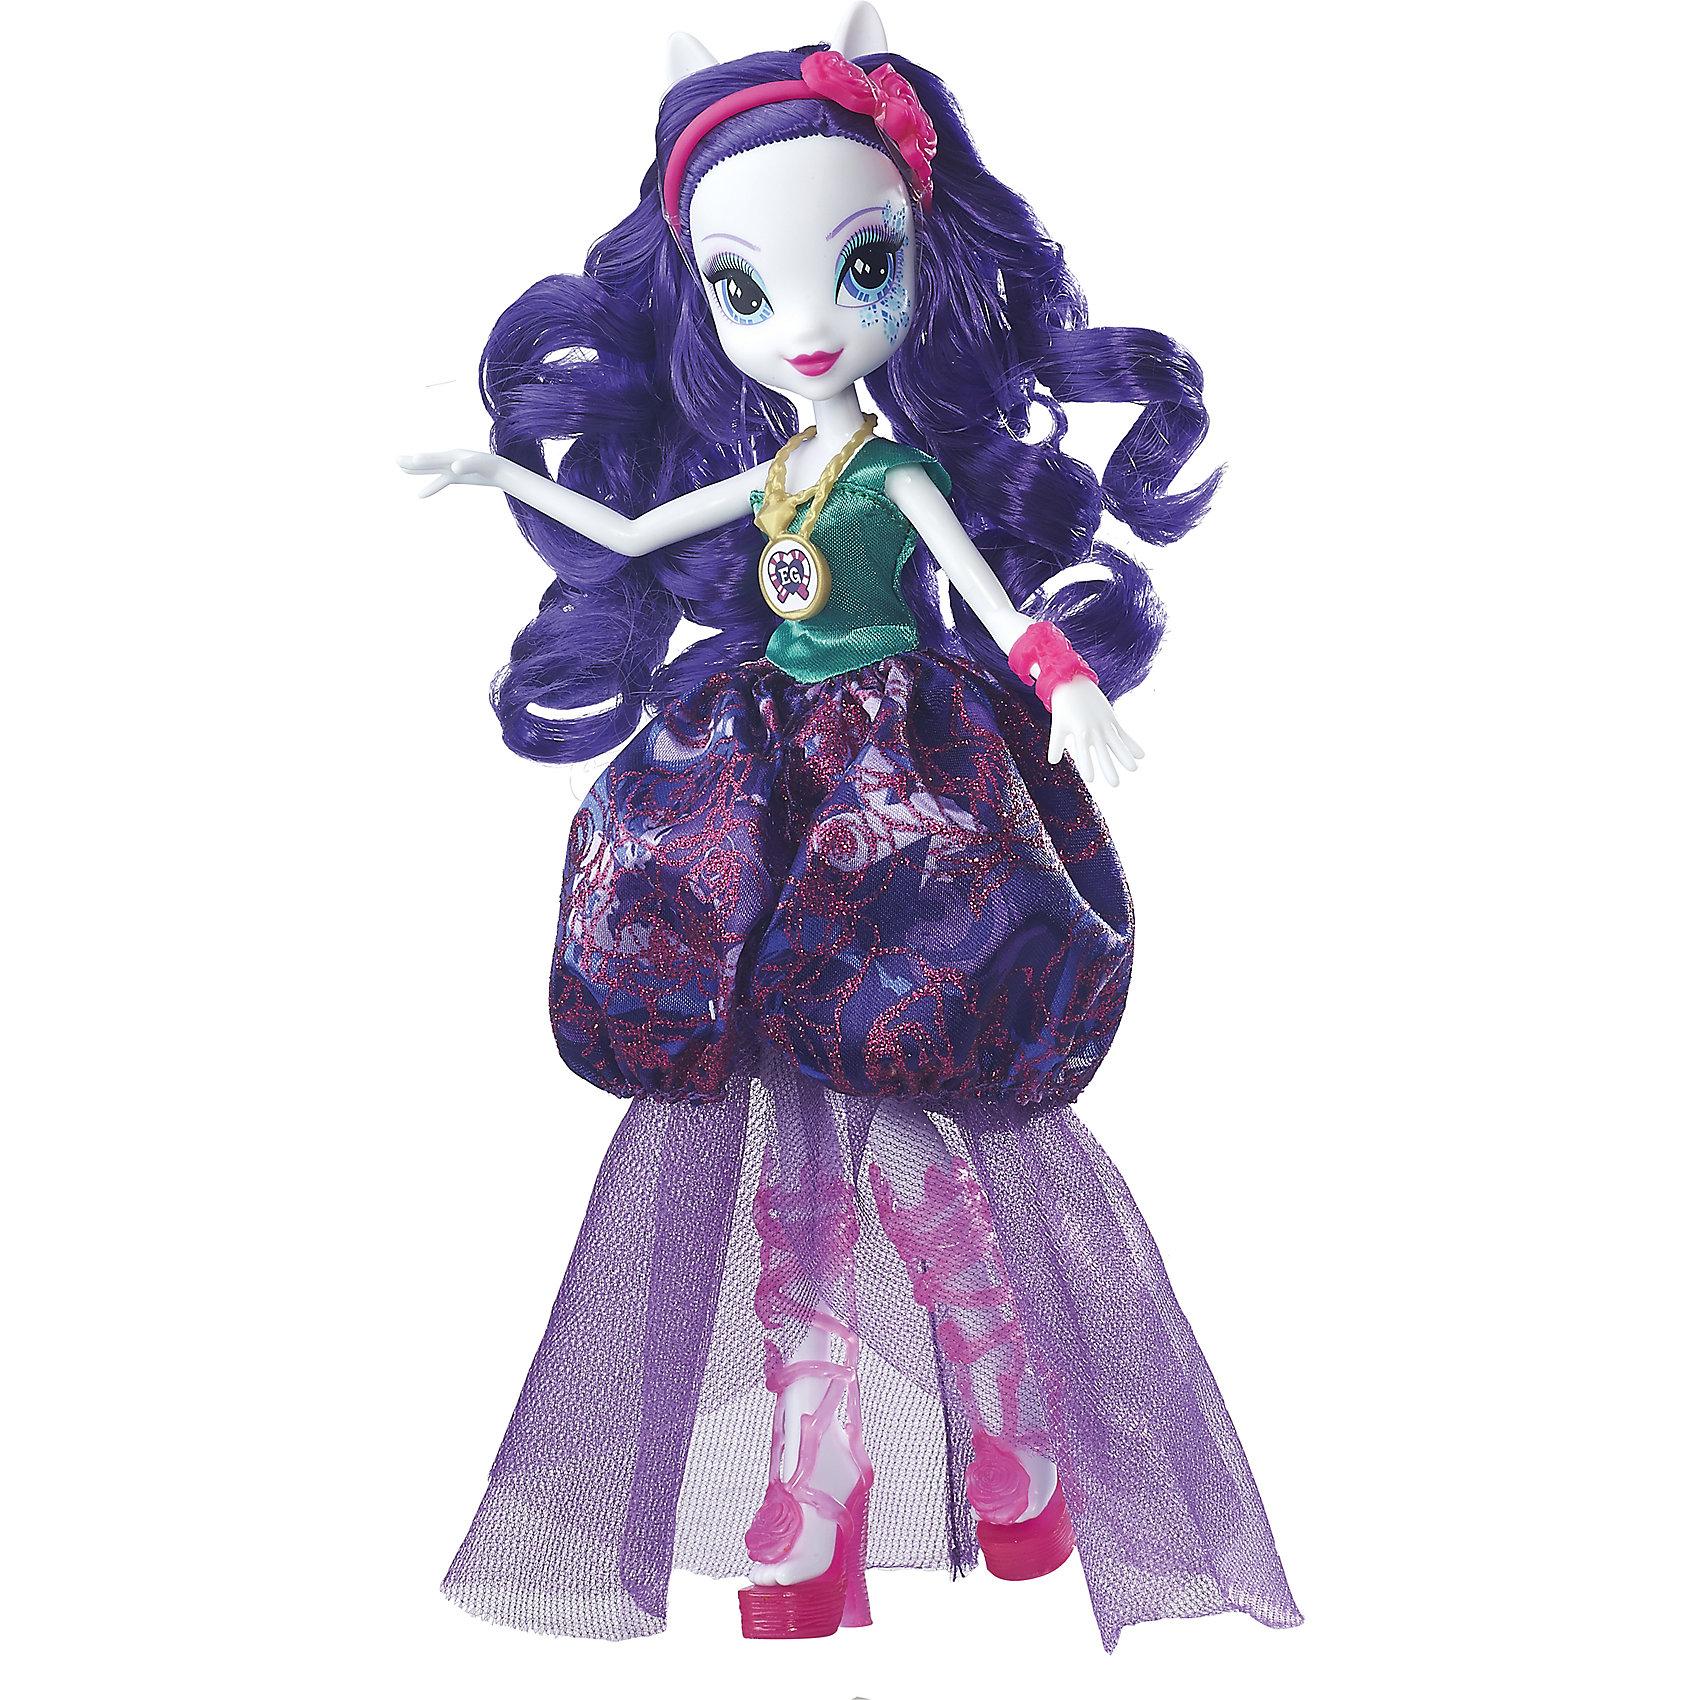 Кукла Эквестрия Герлз Легенды вечнозеленого леса Crystal Gala - РаритиКуклы-модели<br>Кукла делюкс Легенда Вечнозеленого леса, с аксессуарами, Эквестрия герлз (Equestria Girls), B6478/B7531.<br><br>Характеристика: <br><br>• Материал: пластик. <br>• Размер куклы: 22 см. <br>• В комплекте кукла в одежде, обувь, аксессуары. <br>• Отличная детализация. <br>• Голова, руки, ноги подвижные (9 точек артикуляции). <br>• Реалистичные позы. <br>• Специальный код, с помощью которого можно разблокировать новые наряды и аксессуары в мобильном приложения MY LITTLE PONY EQUESTRIA GIRLS.<br><br>Очаровательные девочки Эквестрии приведут в восторг всех поклонниц My little Pony (Май литл Пони)! Рарити одета в прекрасное платье с пышной летящей юбкой и блестящим лифом. Сногсшибательный образ дополняют стильные босоножки и ободок. Длинные волосы юной волшебницы мягкие и послушные - из них получится множество удивительных причесок. Девять точек артикуляции и отличная детализация делают игры с куклами еще увлекательнее и интереснее. <br><br>Собери всех кукол коллекции, проигрывай любимые сюжеты, придумывай свои новые истории или устрой настоящую вечеринку в стиле My little Pony (Моя маленькая Пони). <br><br>Куклу делюкс Легенда Вечнозеленого леса, с аксессуарами, Эквестрия герлз (Equestria Girls), B6478/B7531, можно купить в нашем интернет-магазине.<br><br>Ширина мм: 50<br>Глубина мм: 190<br>Высота мм: 337<br>Вес г: 271<br>Возраст от месяцев: 60<br>Возраст до месяцев: 144<br>Пол: Женский<br>Возраст: Детский<br>SKU: 5395778